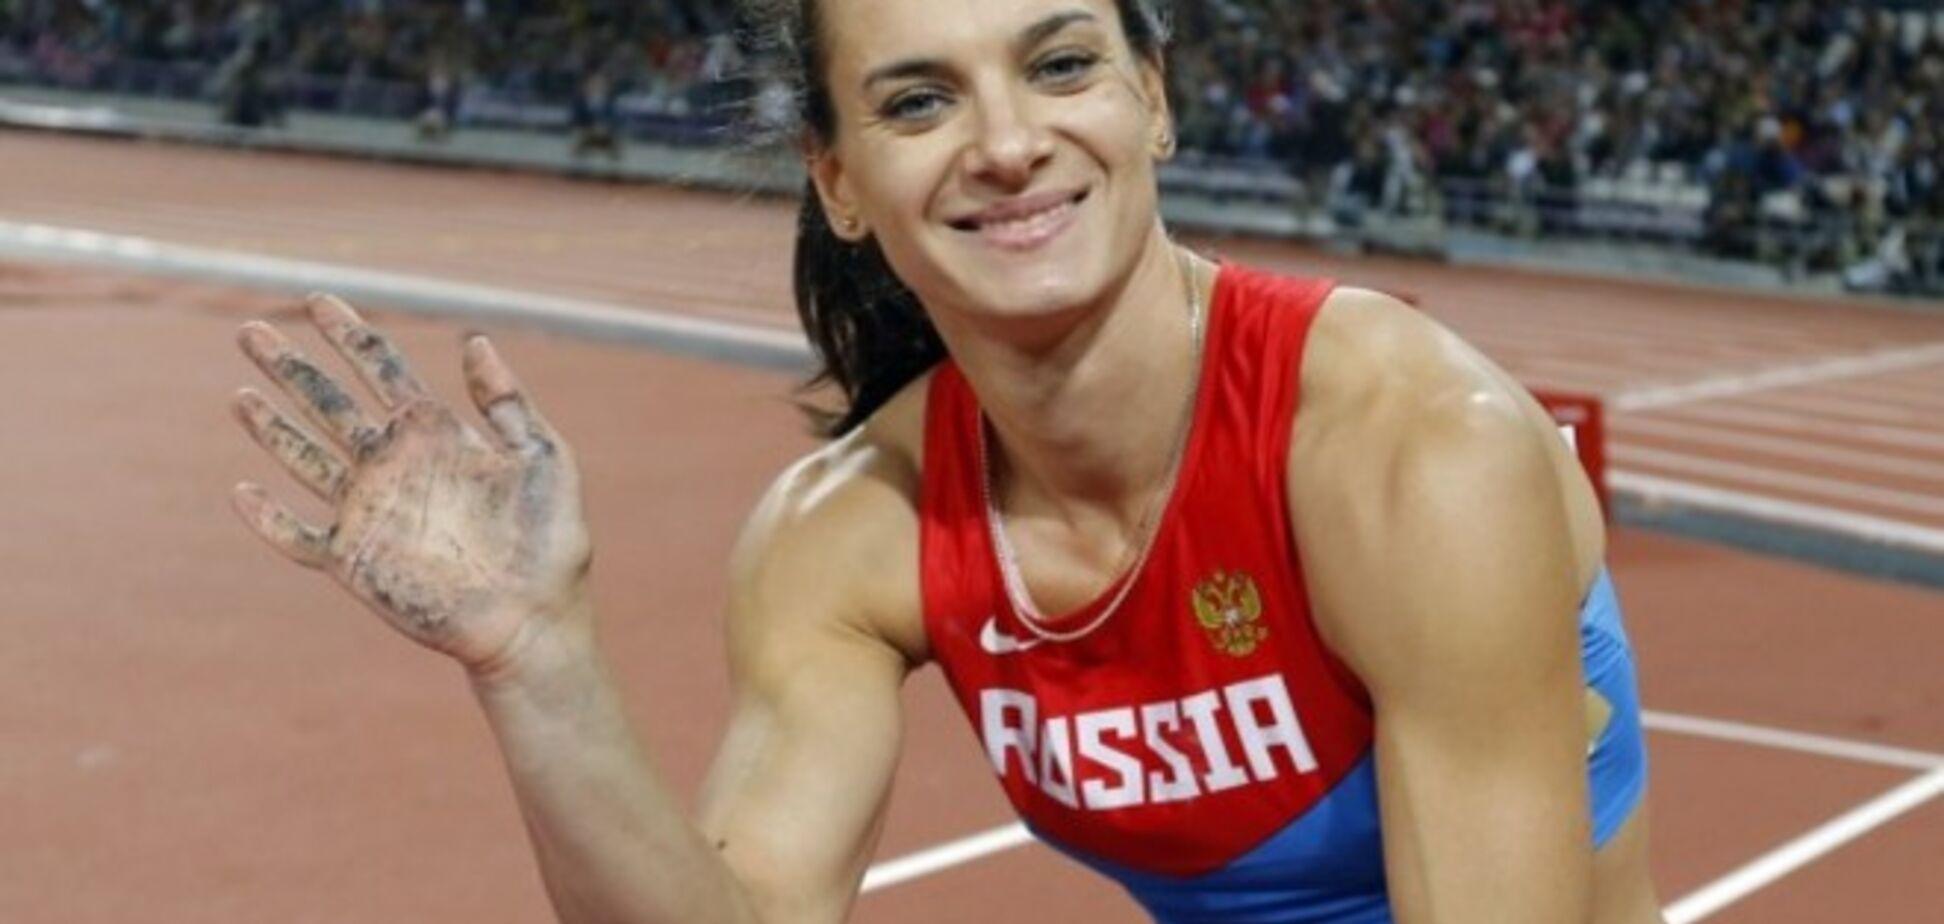 Олимпийская чемпионка Елена Исинбаева вышла замуж